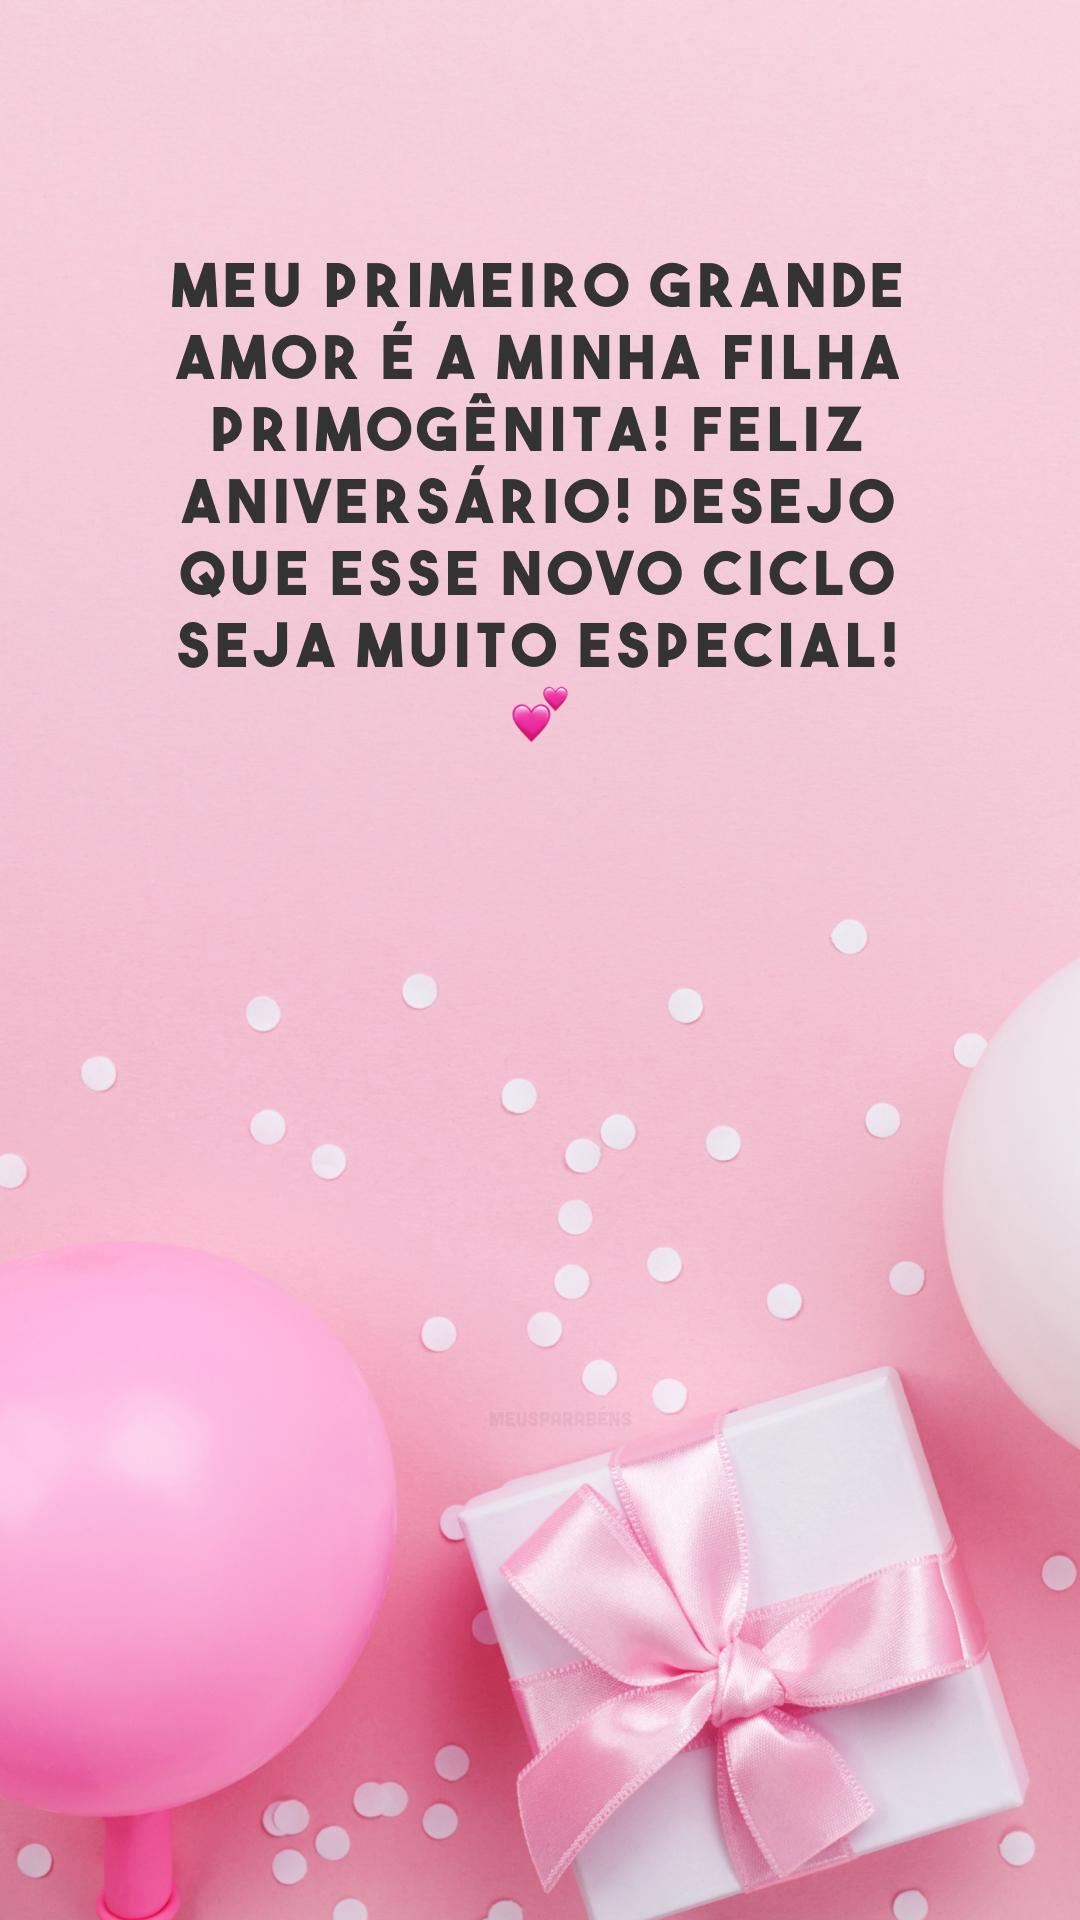 Meu primeiro grande amor é a minha filha primogênita! Feliz aniversário! Desejo que esse novo ciclo seja muito especial! 💕